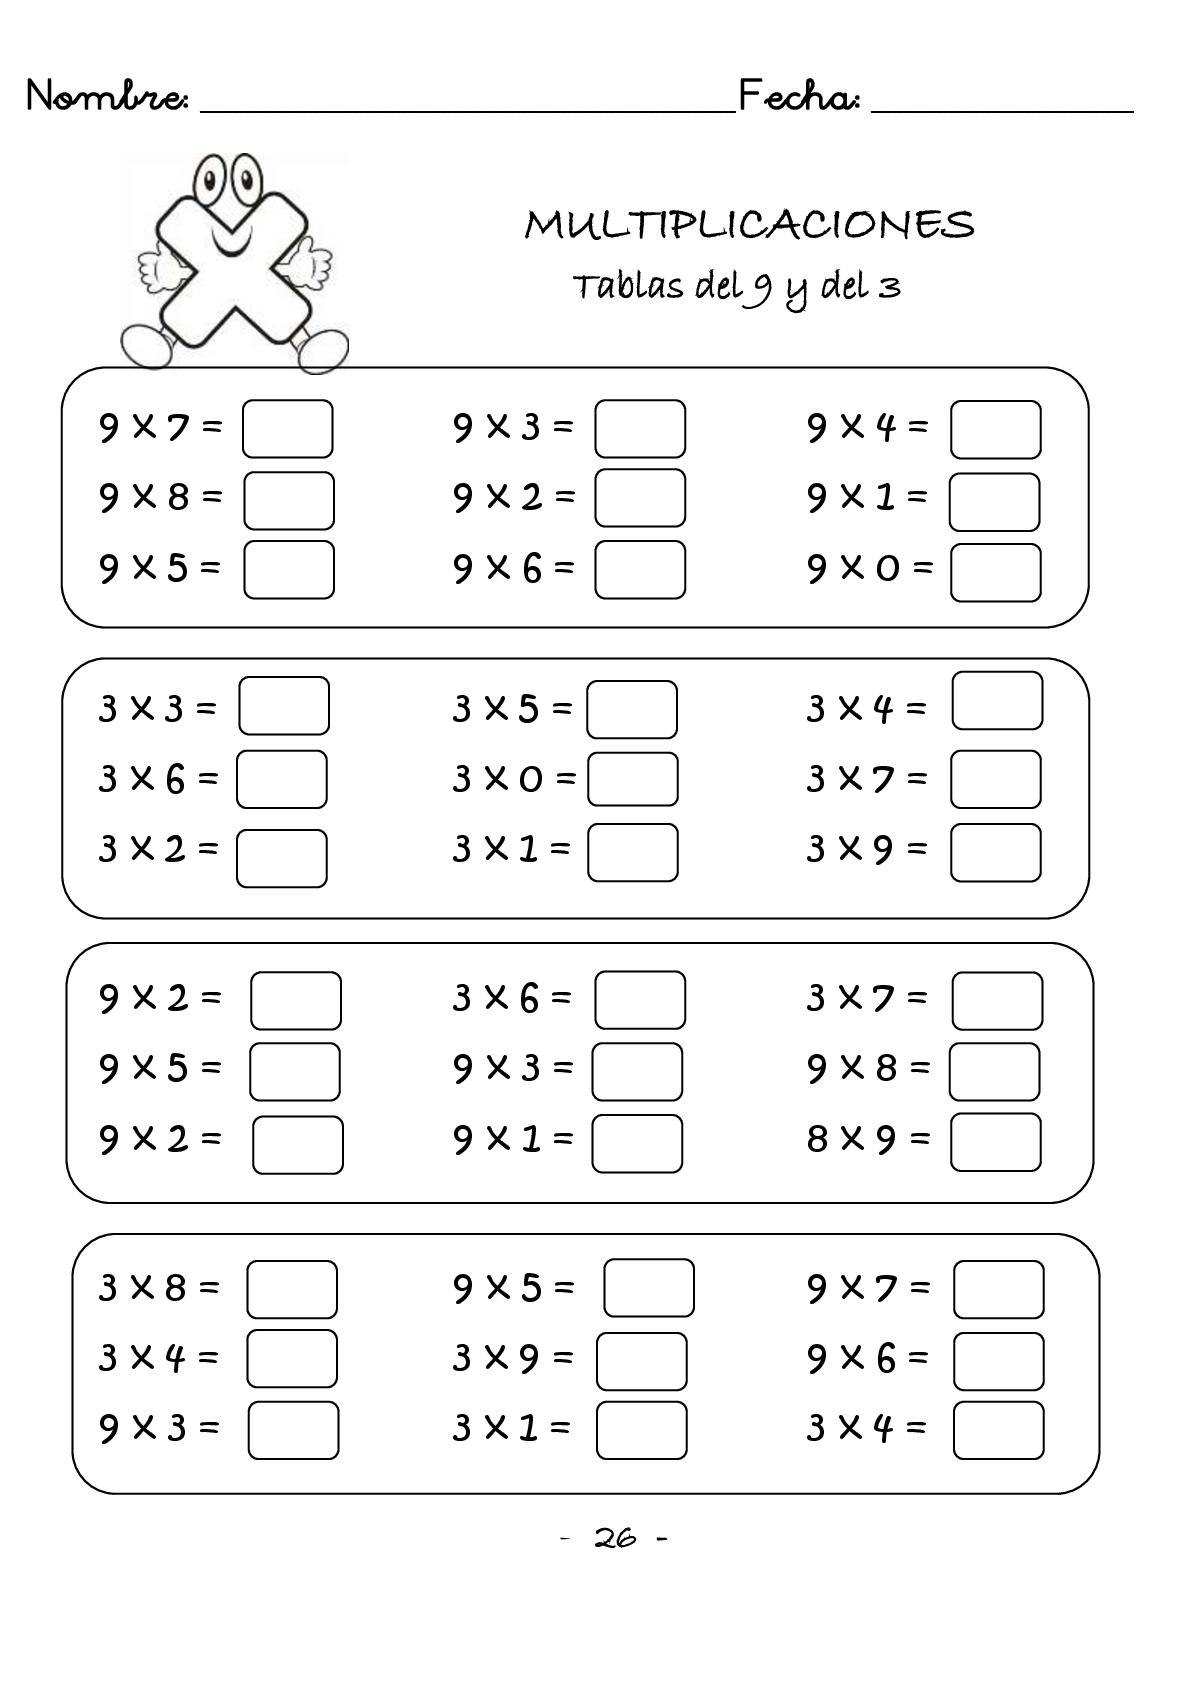 multiplicaciones-rapidas-una-cifra-protegido-027